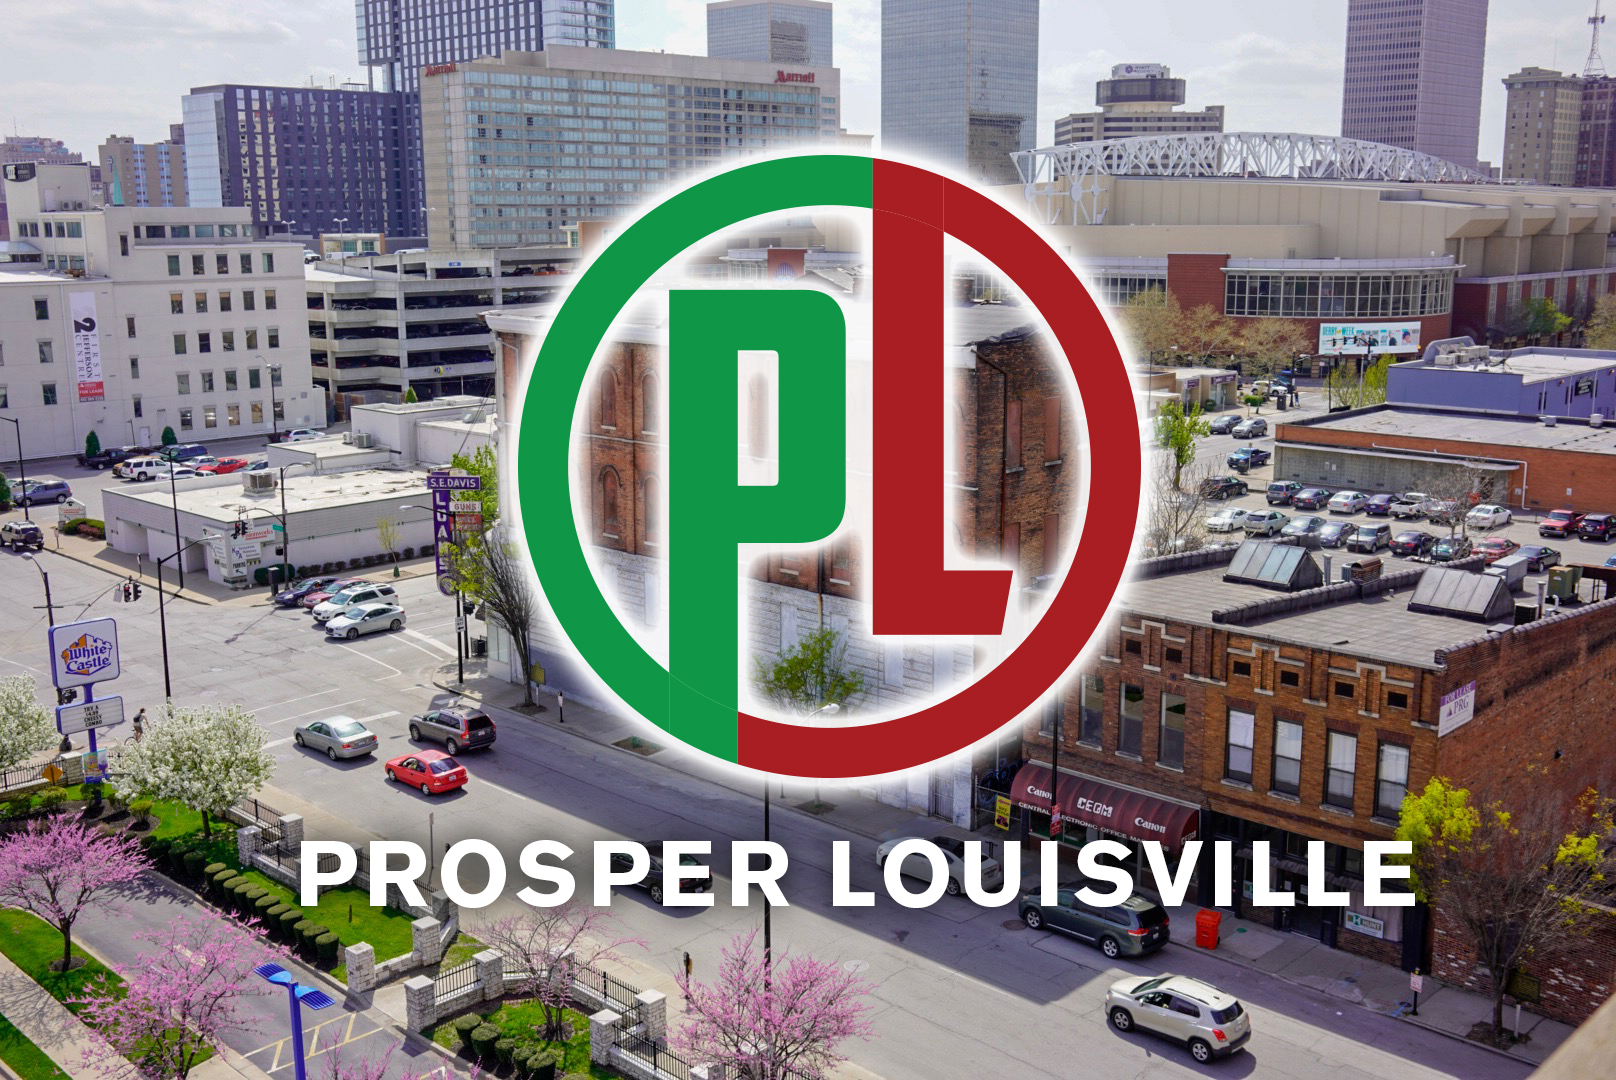 Prosper-Louisville.jpg